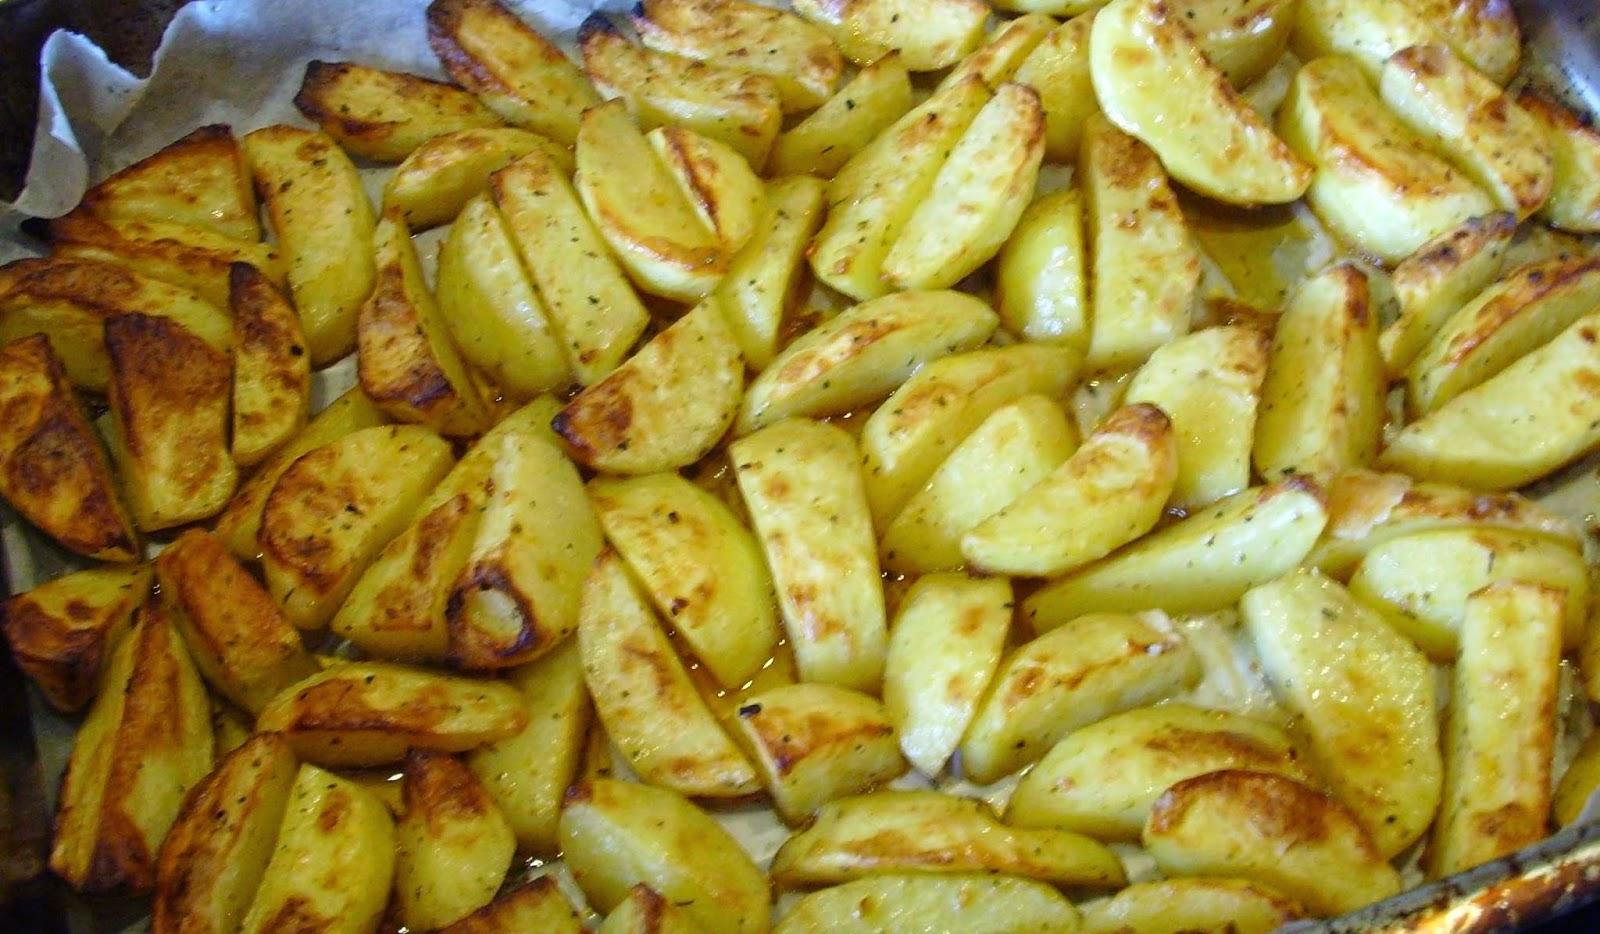 Pyszne, aromatyczne, chrupiące, pieczone ziemniaki w piekarniku a'la frytki.